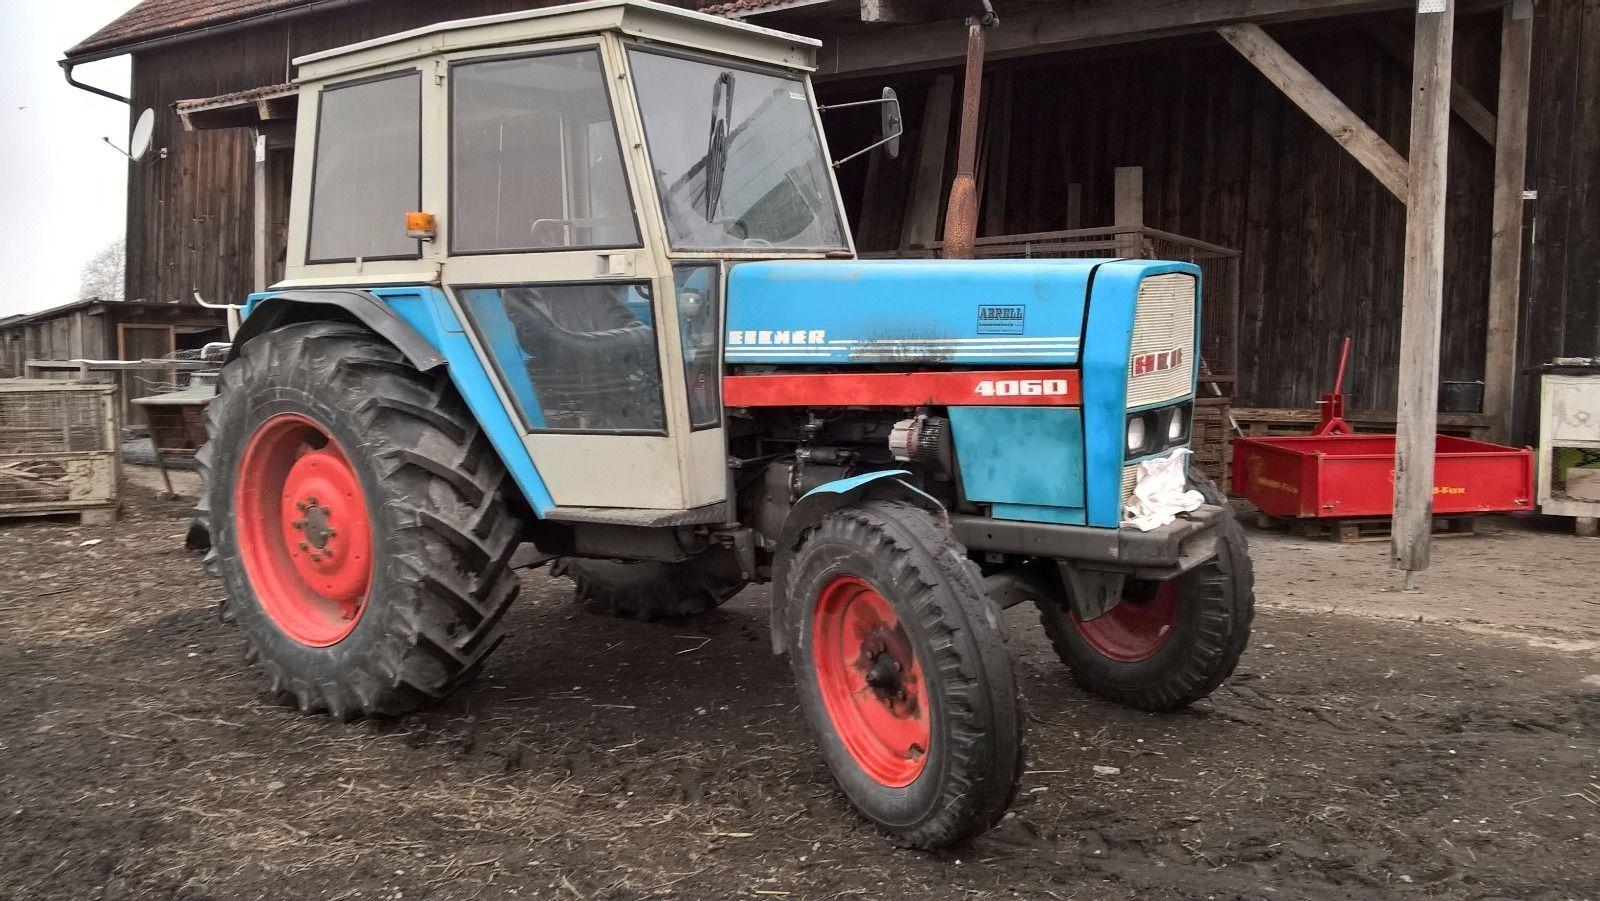 traktor schlepper eicher 4060 mit kabine 60ps bj 1980. Black Bedroom Furniture Sets. Home Design Ideas